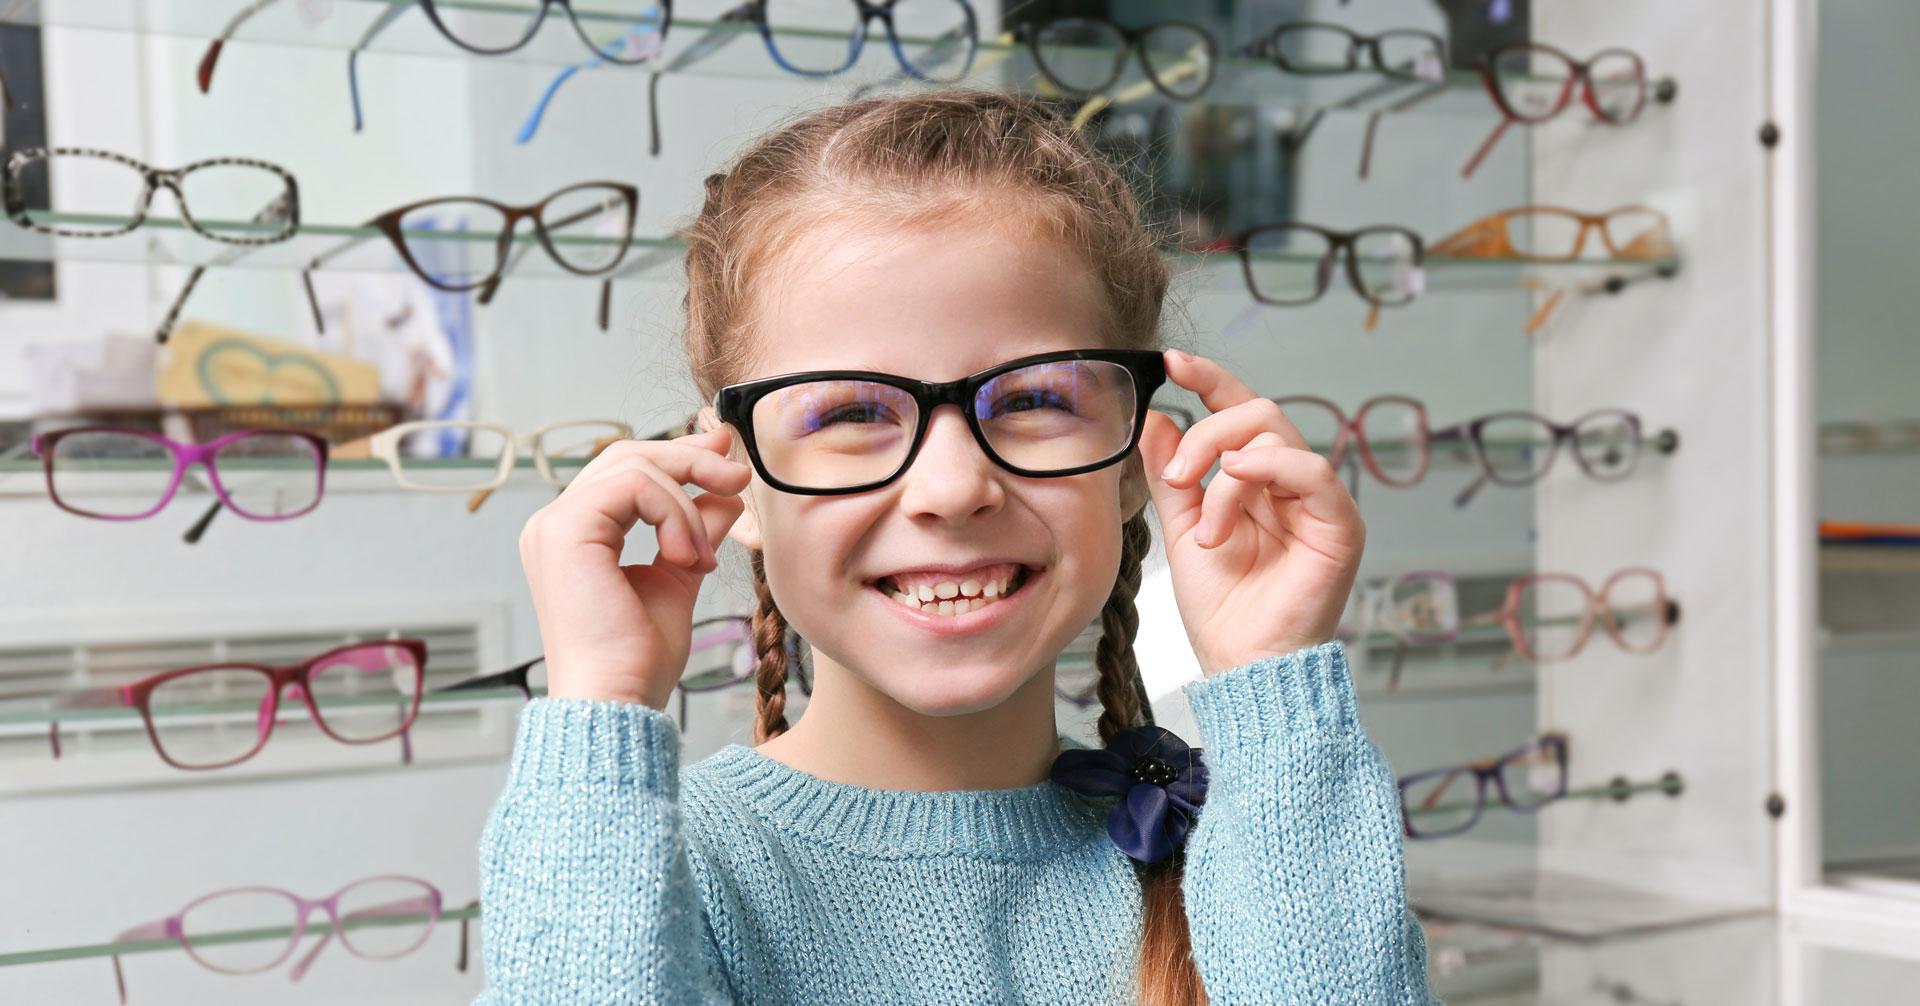 Copiii își tratează ochii cu ochelari. Strabismul la copii – cauze